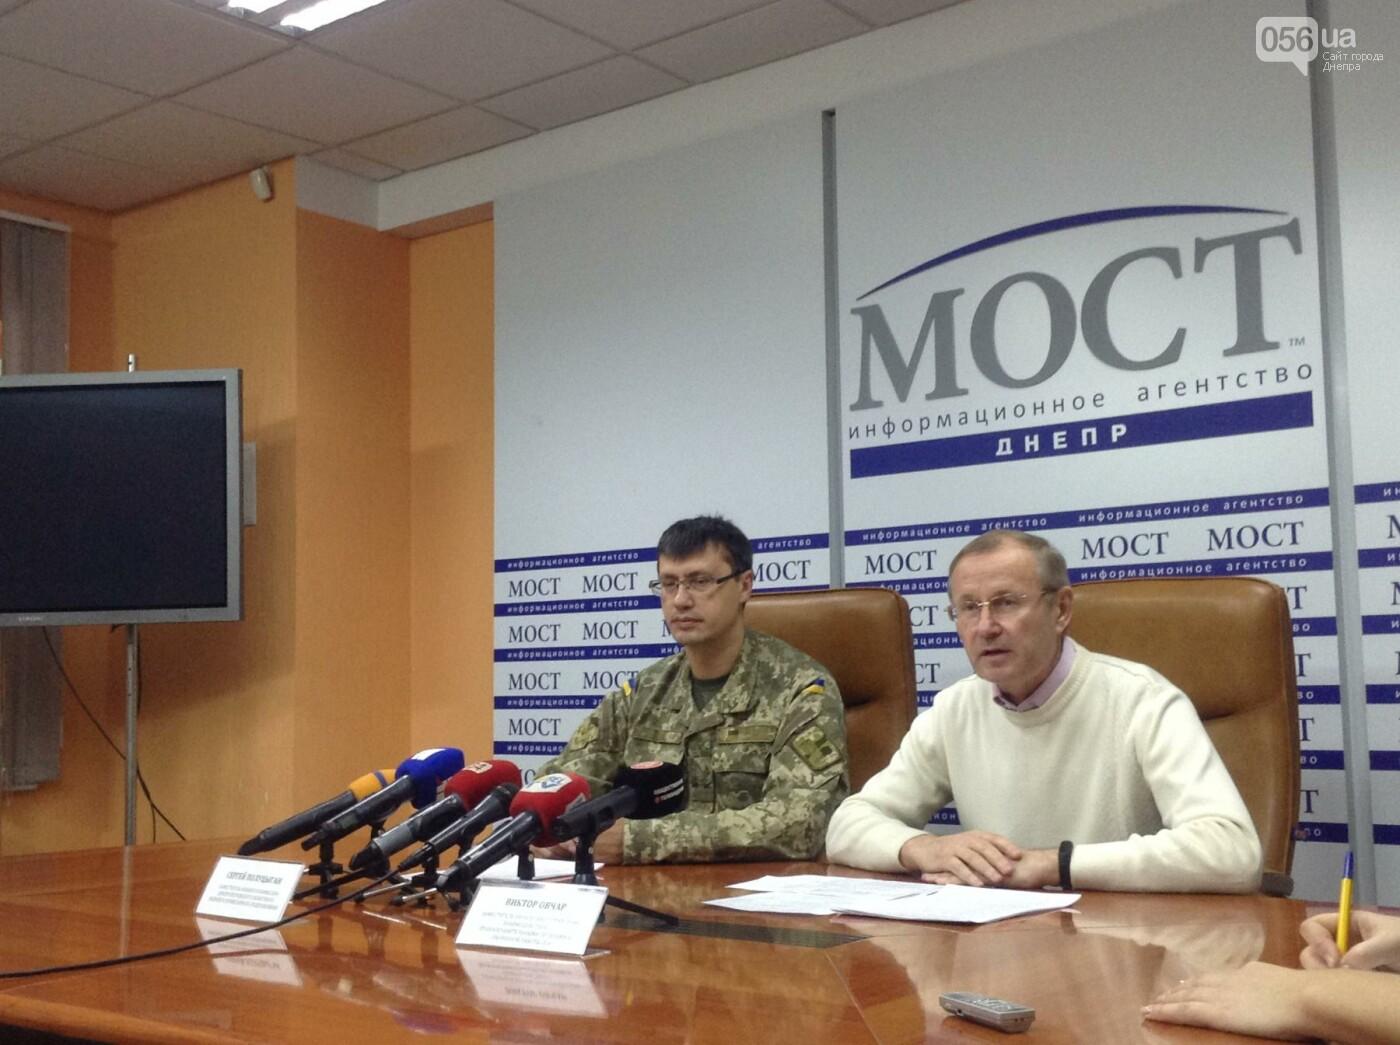 В Днепропетровской области осудили 96 уклонистов: что грозит тем, кто не хочет служить, фото-1